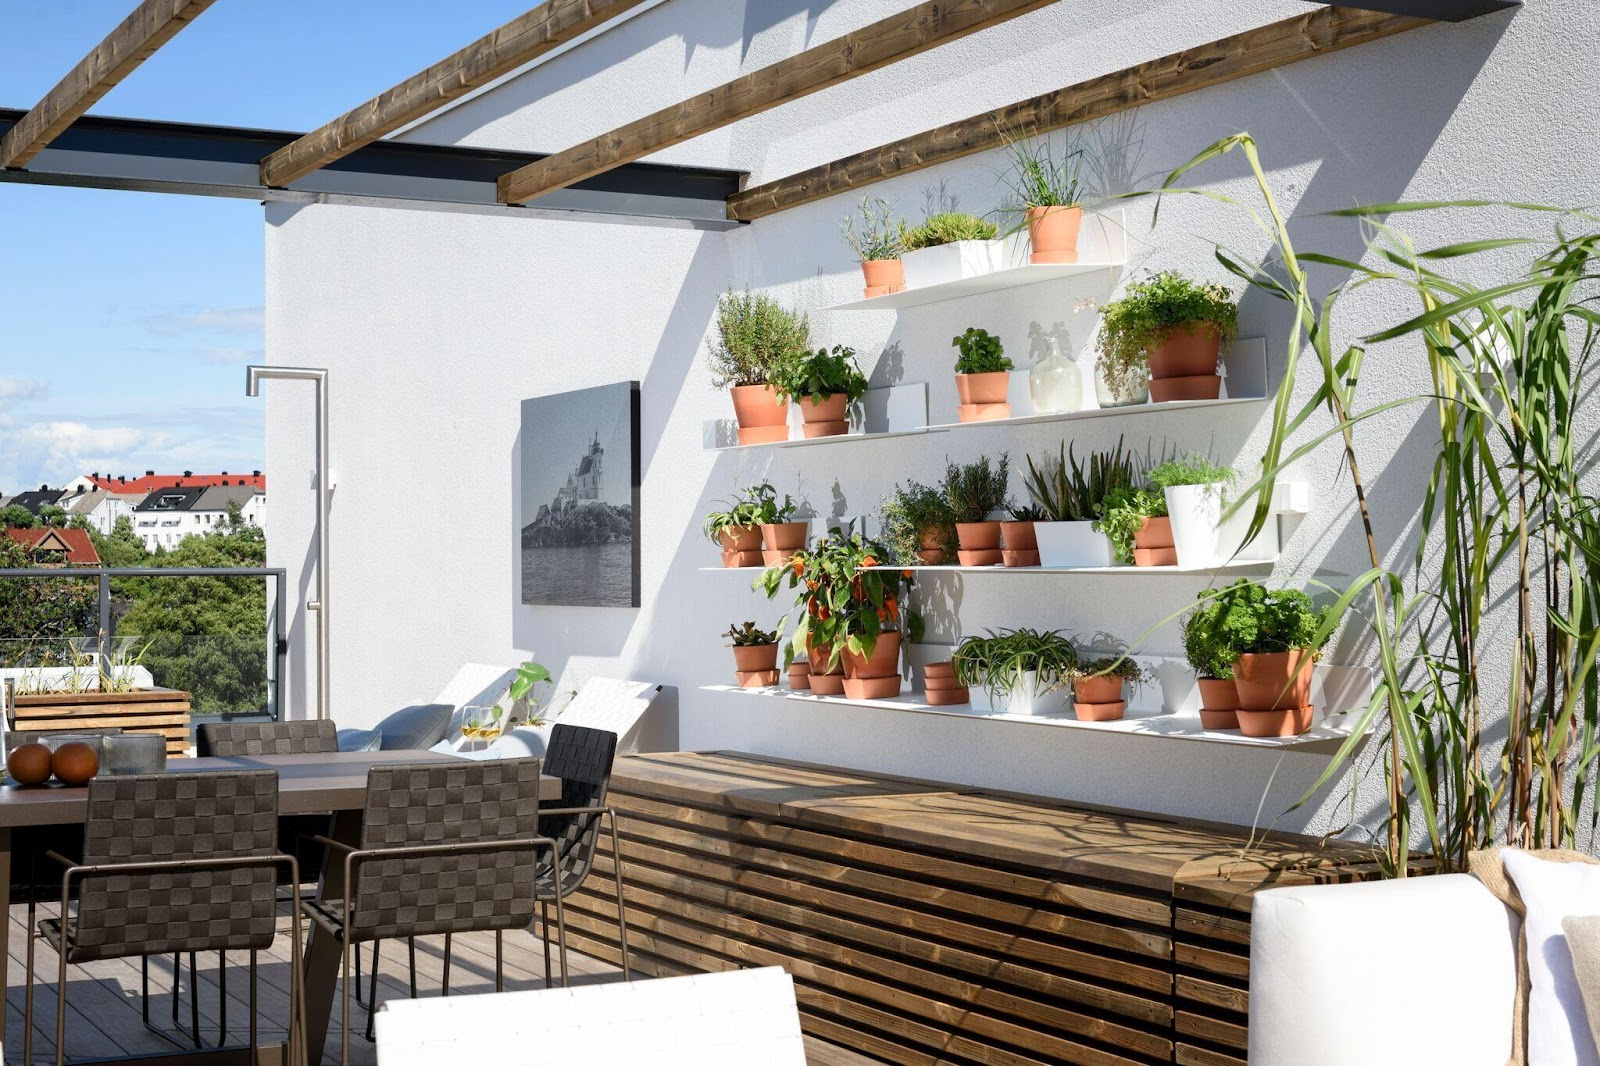 Terrasse med egen køkkenhave